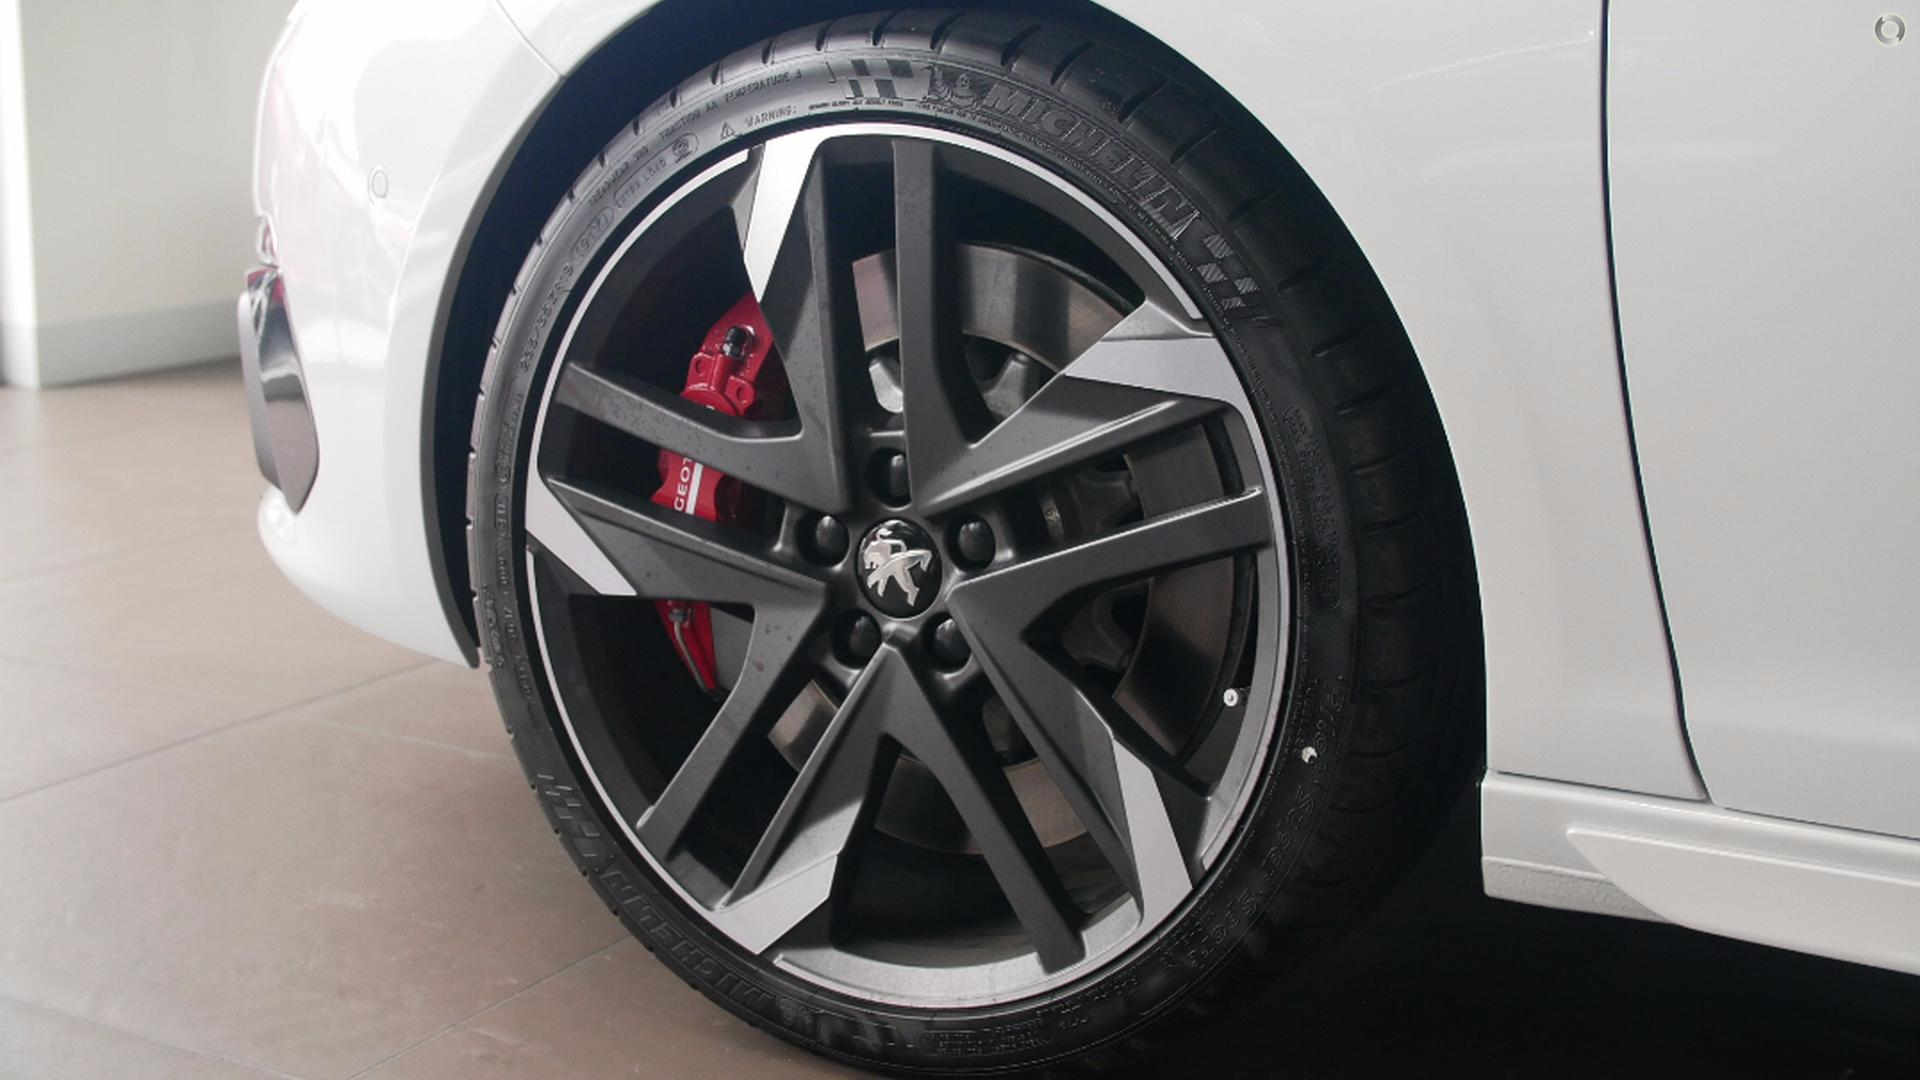 2017 Peugeot 308 GTi 270 T9